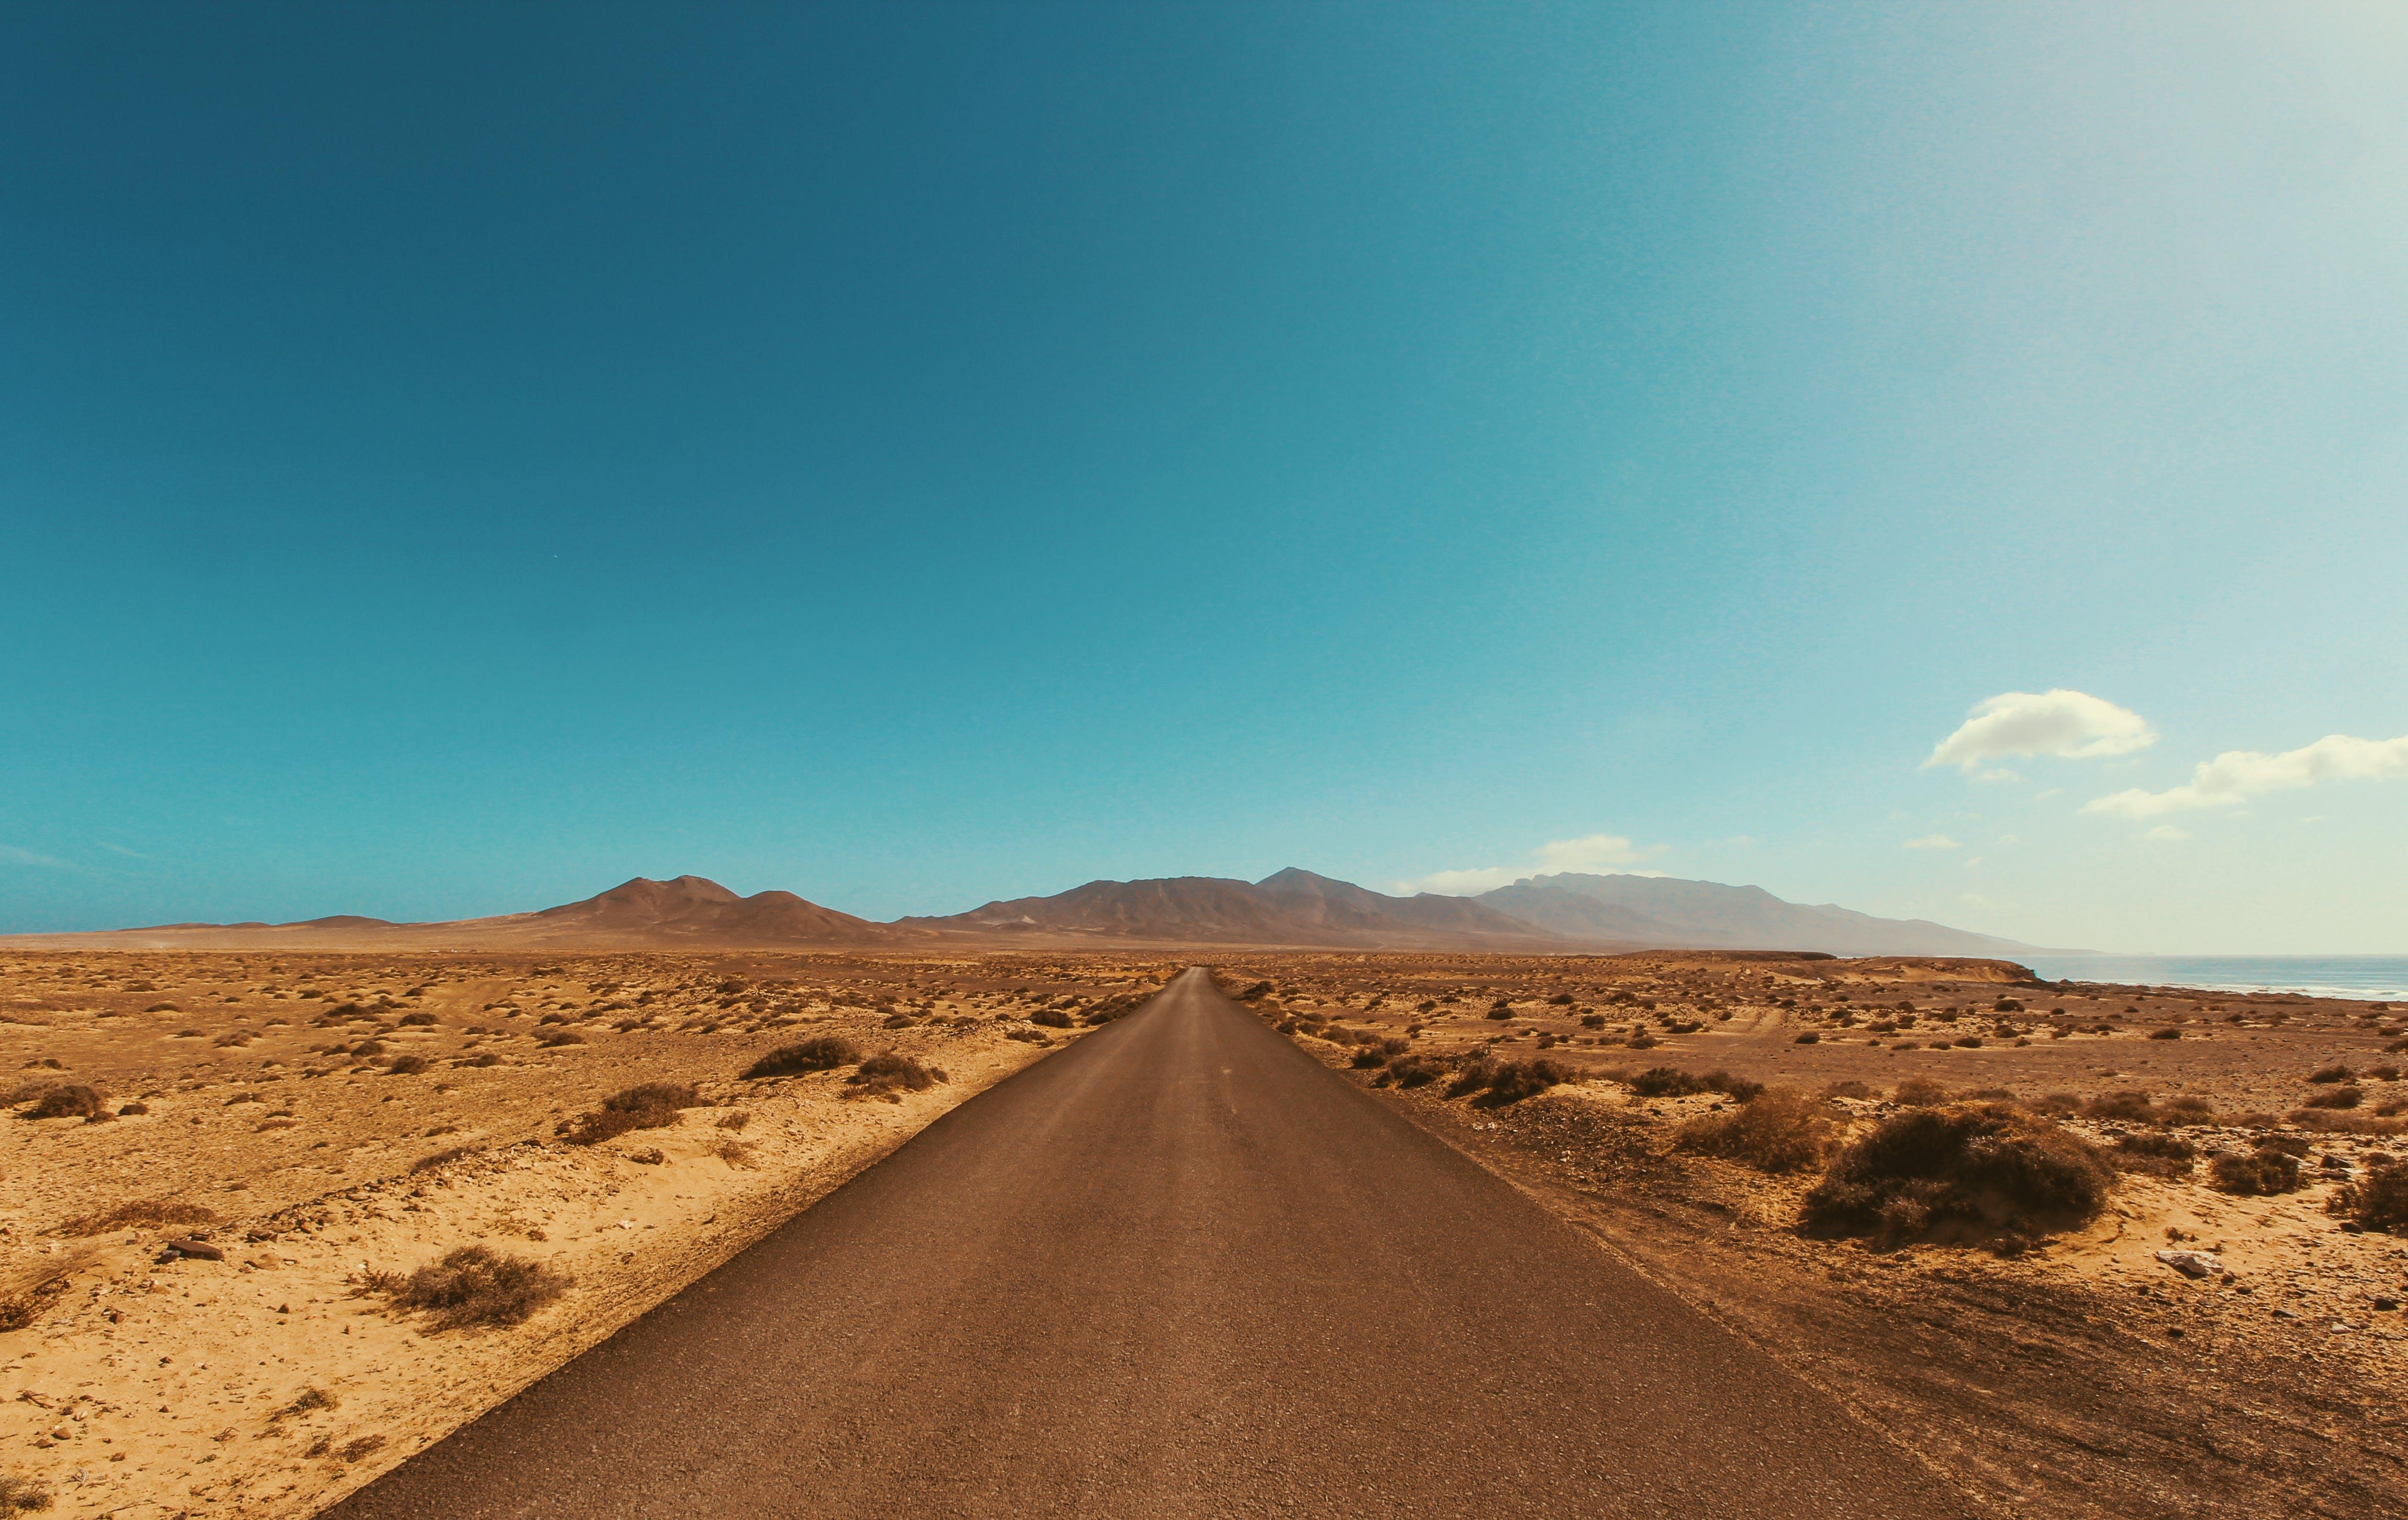 blue skies, desert, deserted